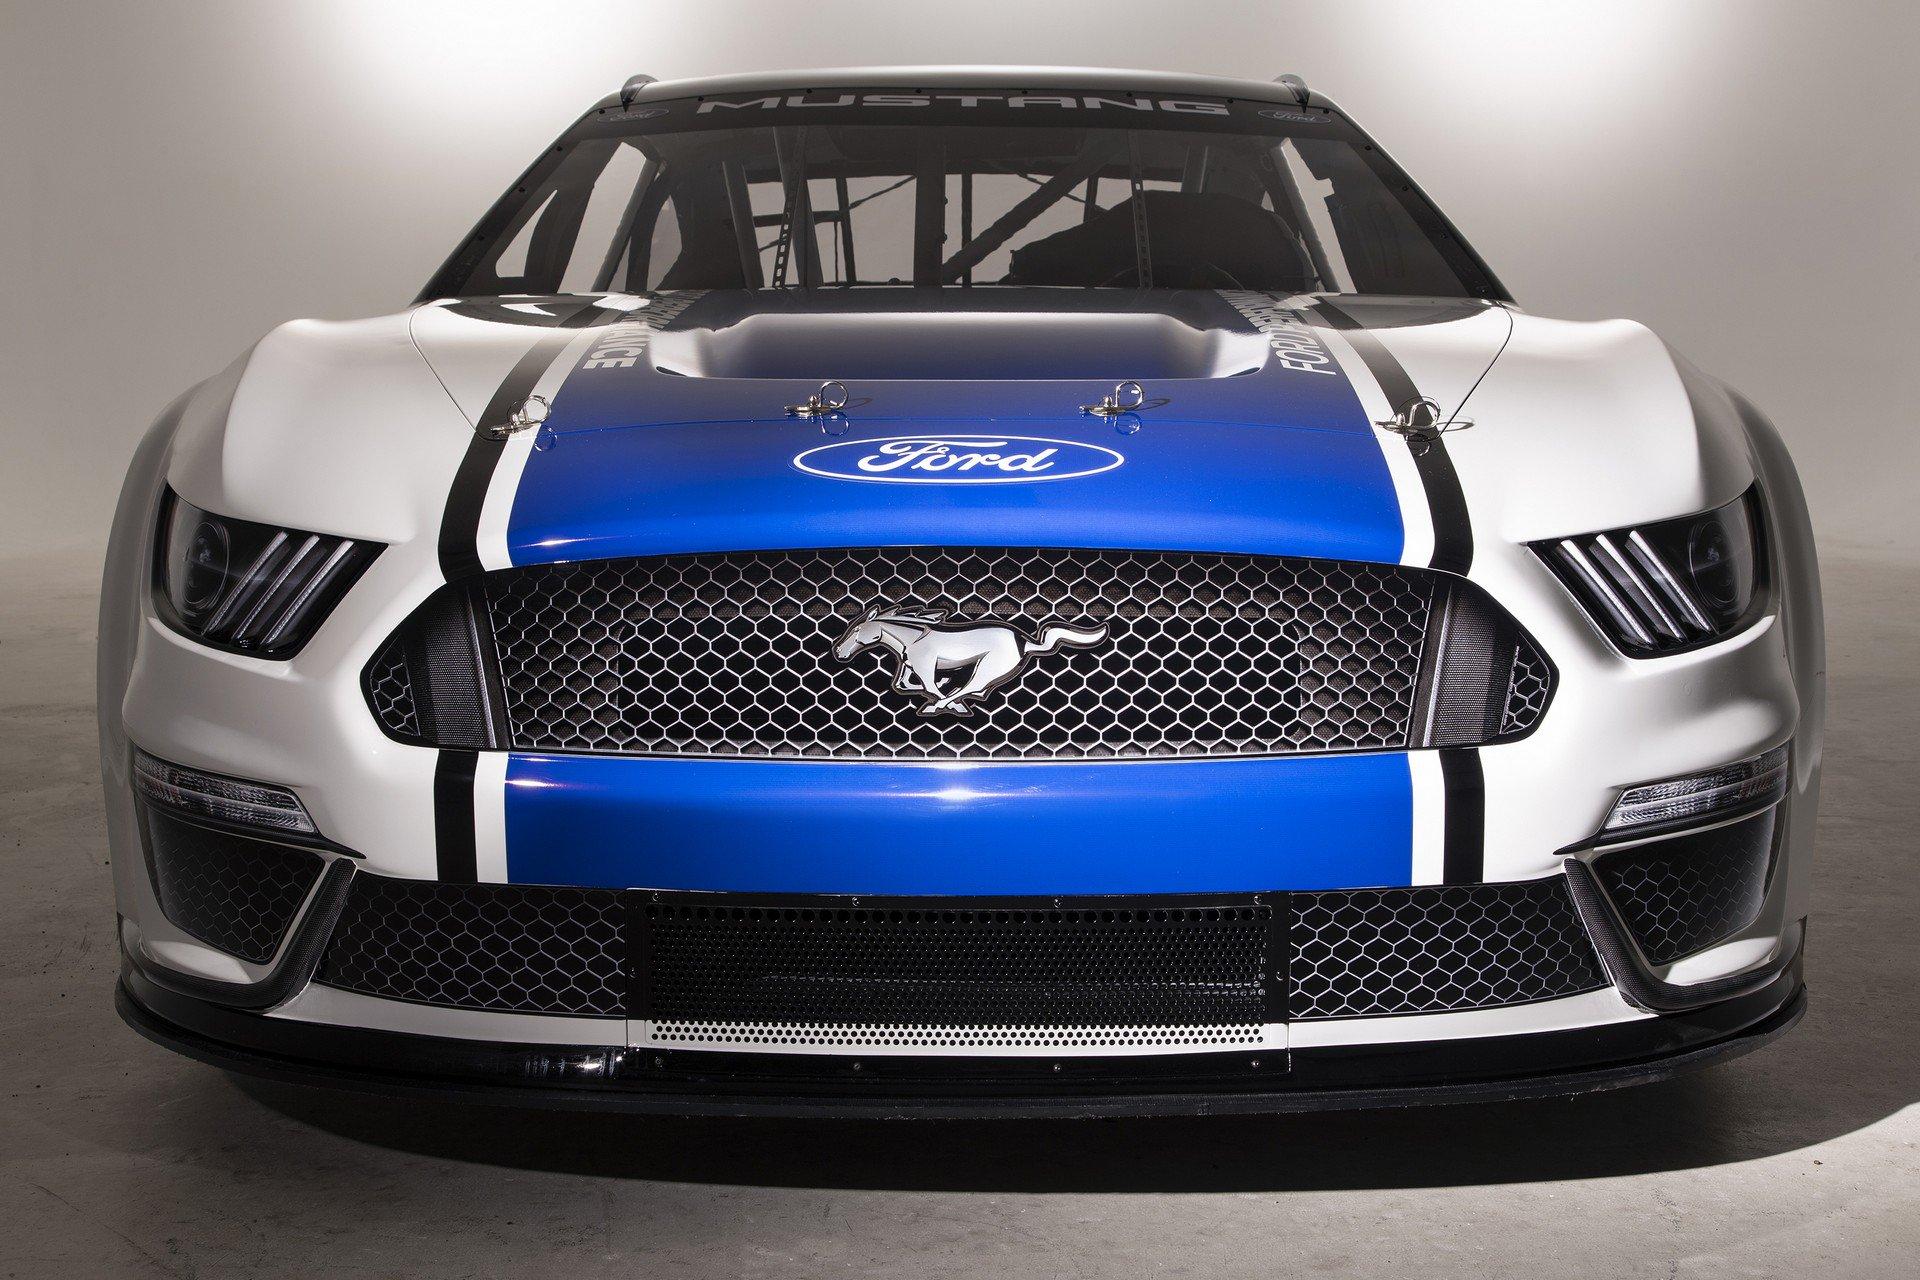 Ford Mustang Monster Energy NASCAR 2019 11